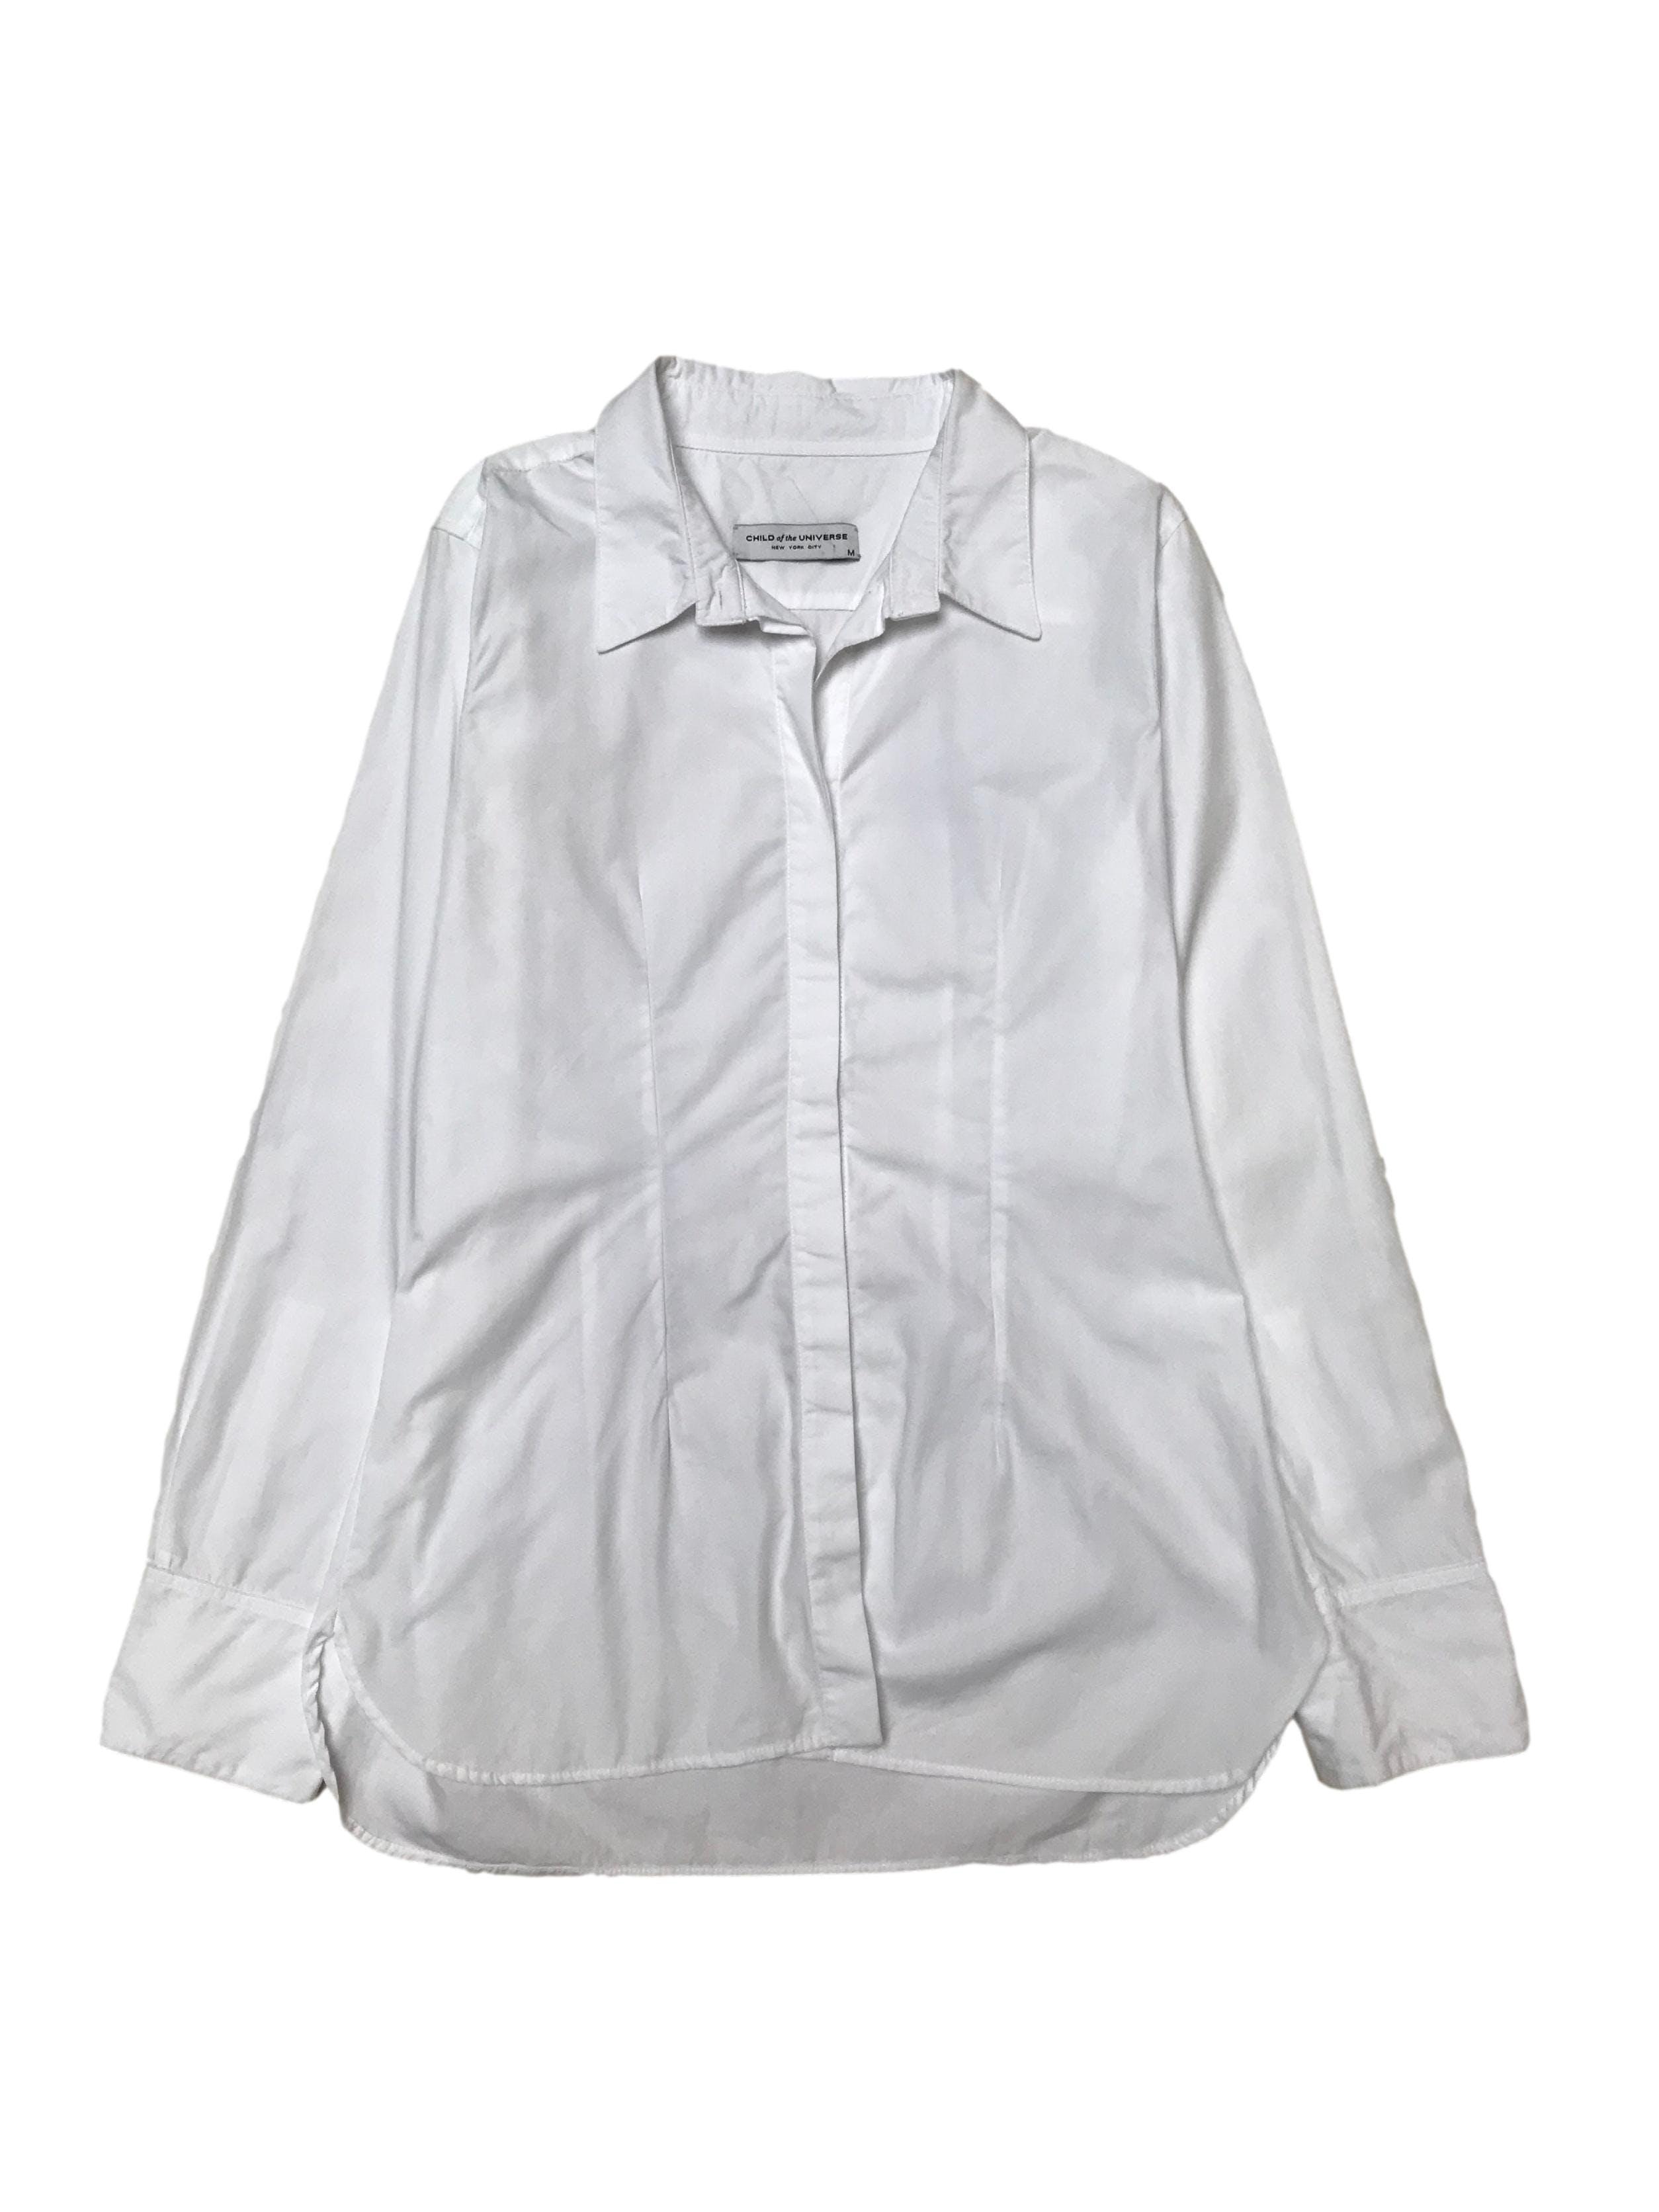 Blusa Child of the Universe 100% algodón blanco, con pinzas (Busto 100cm). Clásica y básica de todo closet. Precio original S/ 390